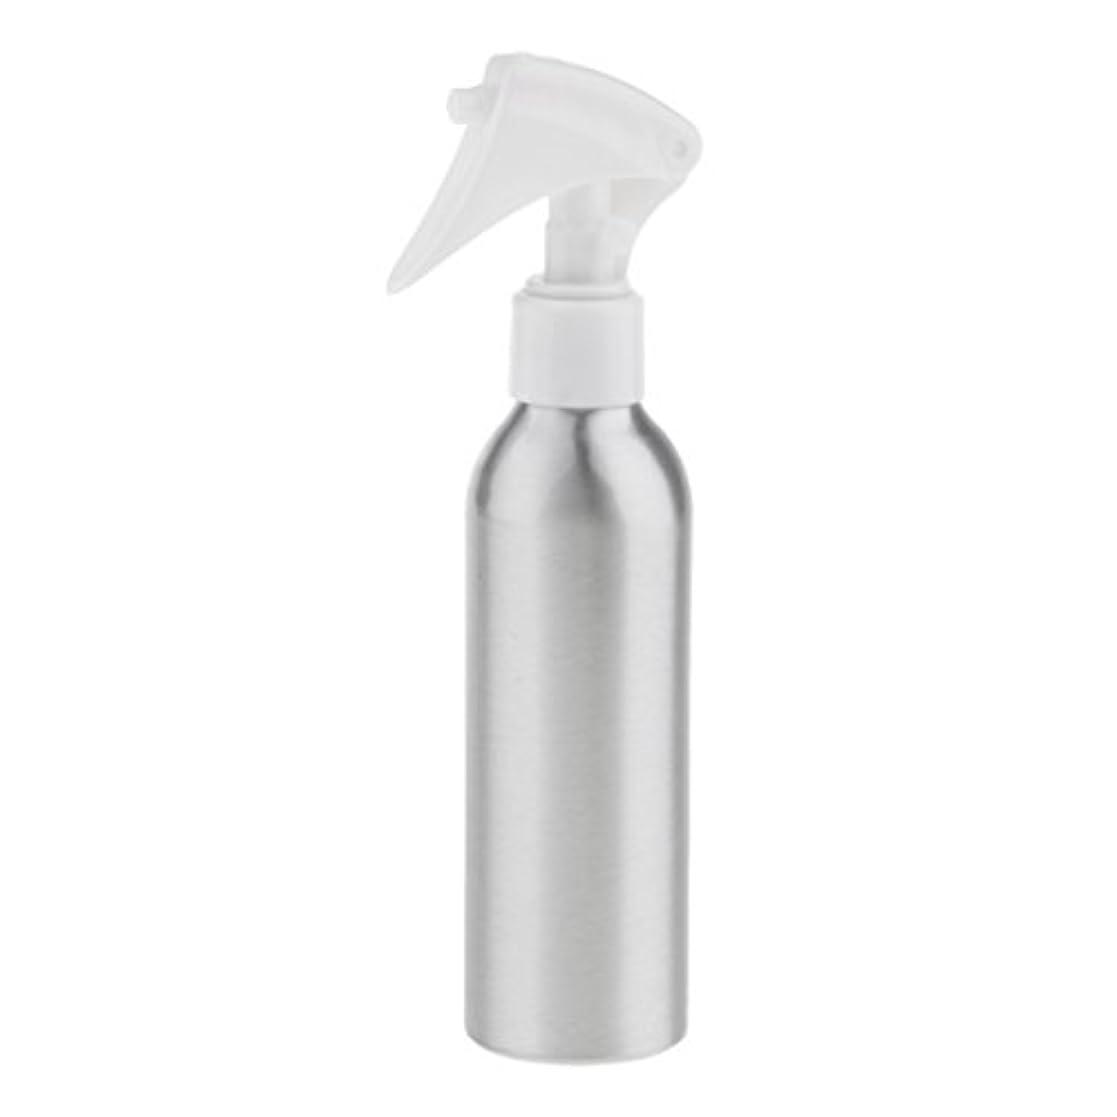 リーガンエーカー煩わしいスプレーボトル - 空の詰め替え式の容器は精油、クリーニング製品、自家製の洗剤、アロマテラピー、水とミストプラント、そしてクリーニング用の酢の混合物に最適 - 250ML